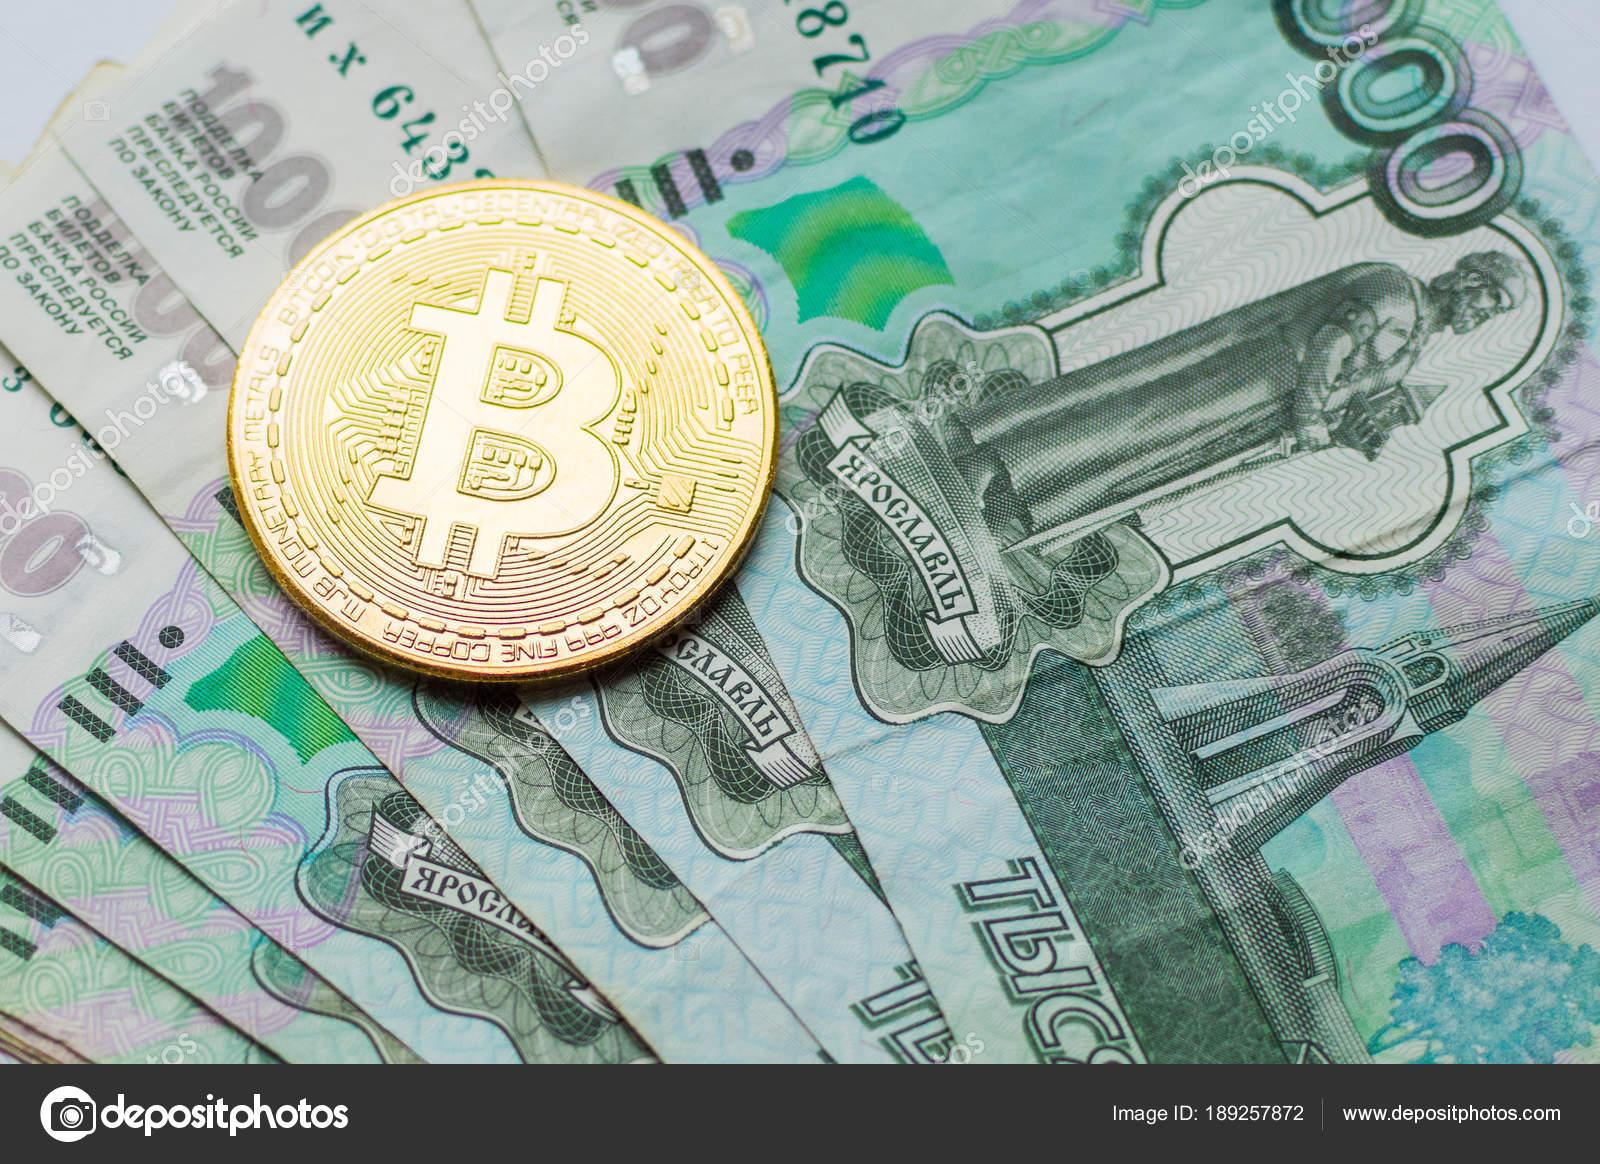 Почему россияне выбирают нестабильный рубль и боятся криптовалют?